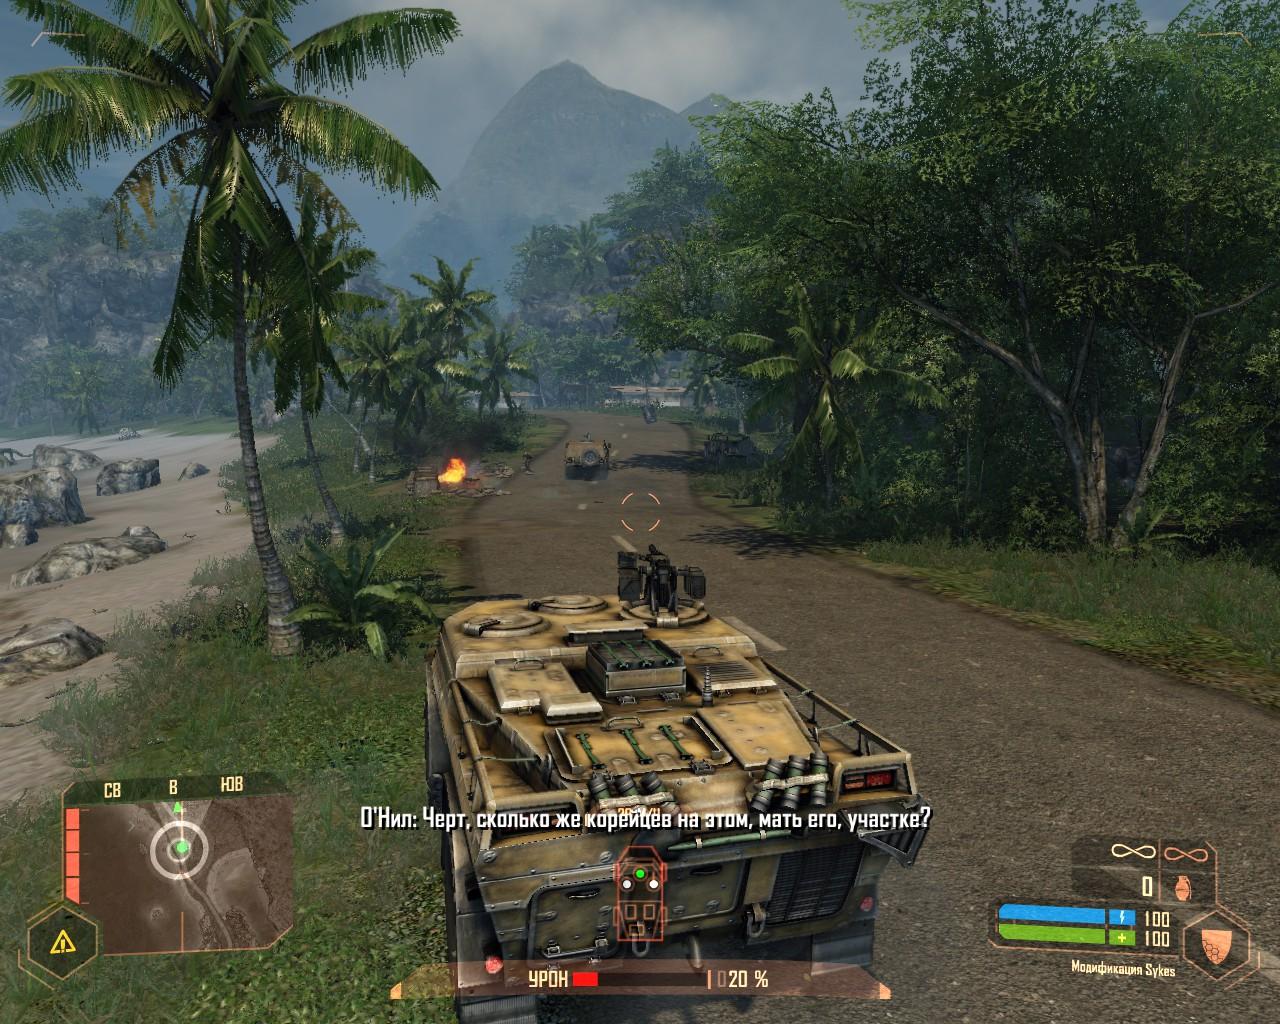 Crysis64 2014-08-12 23-30-33-33.jpg - Crysis Warhead